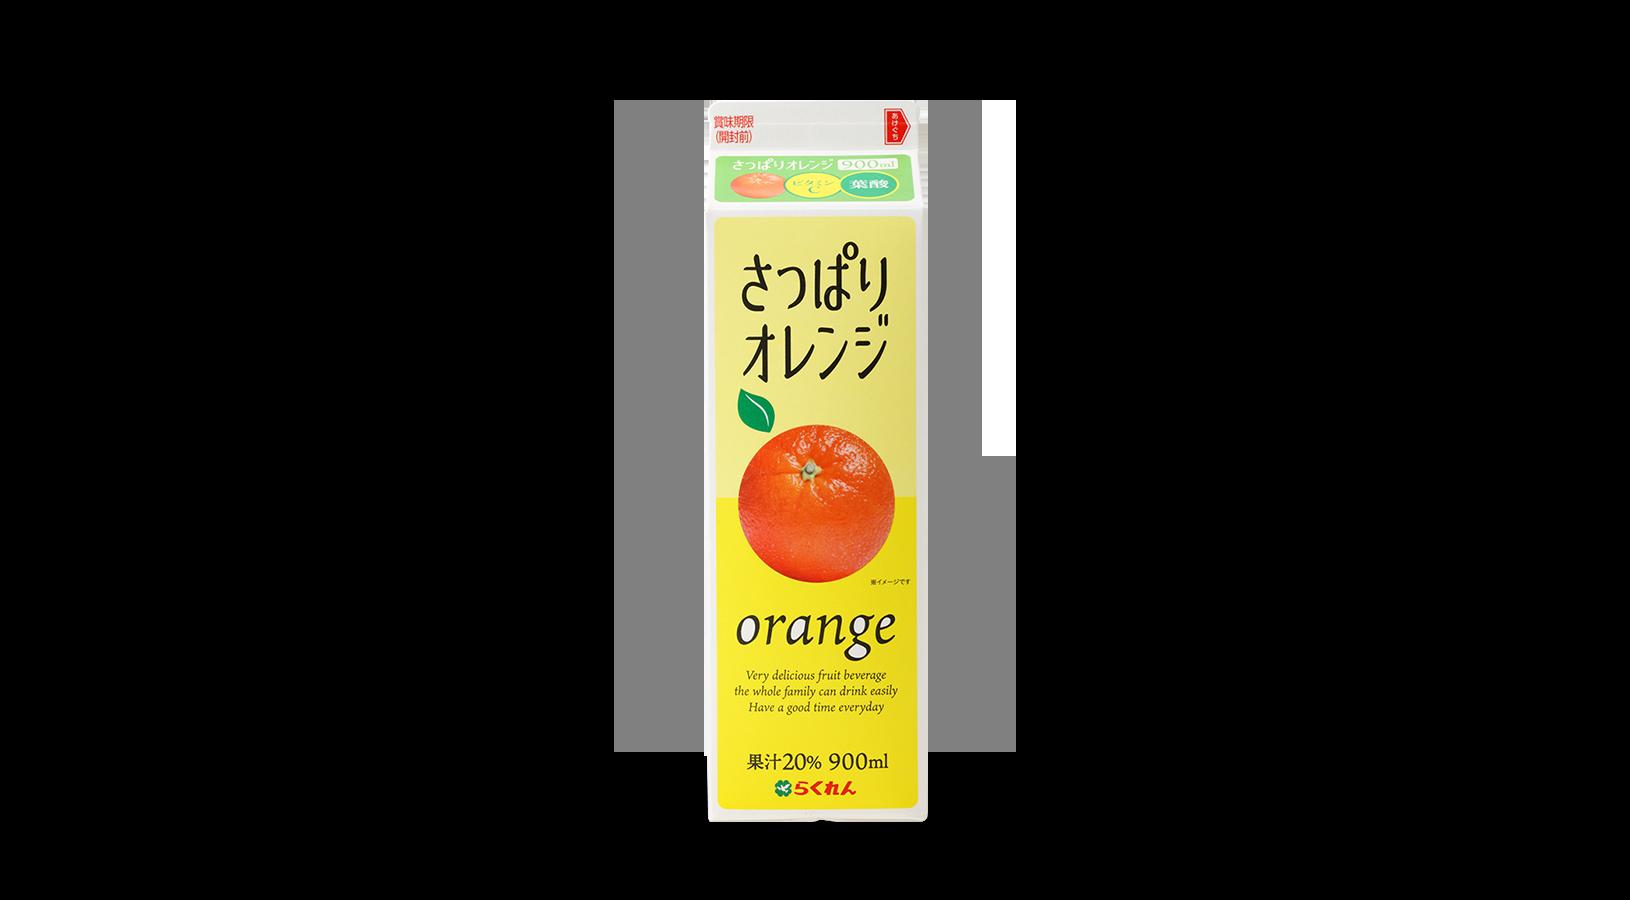 商品イメージ:さっぱりオレンジ